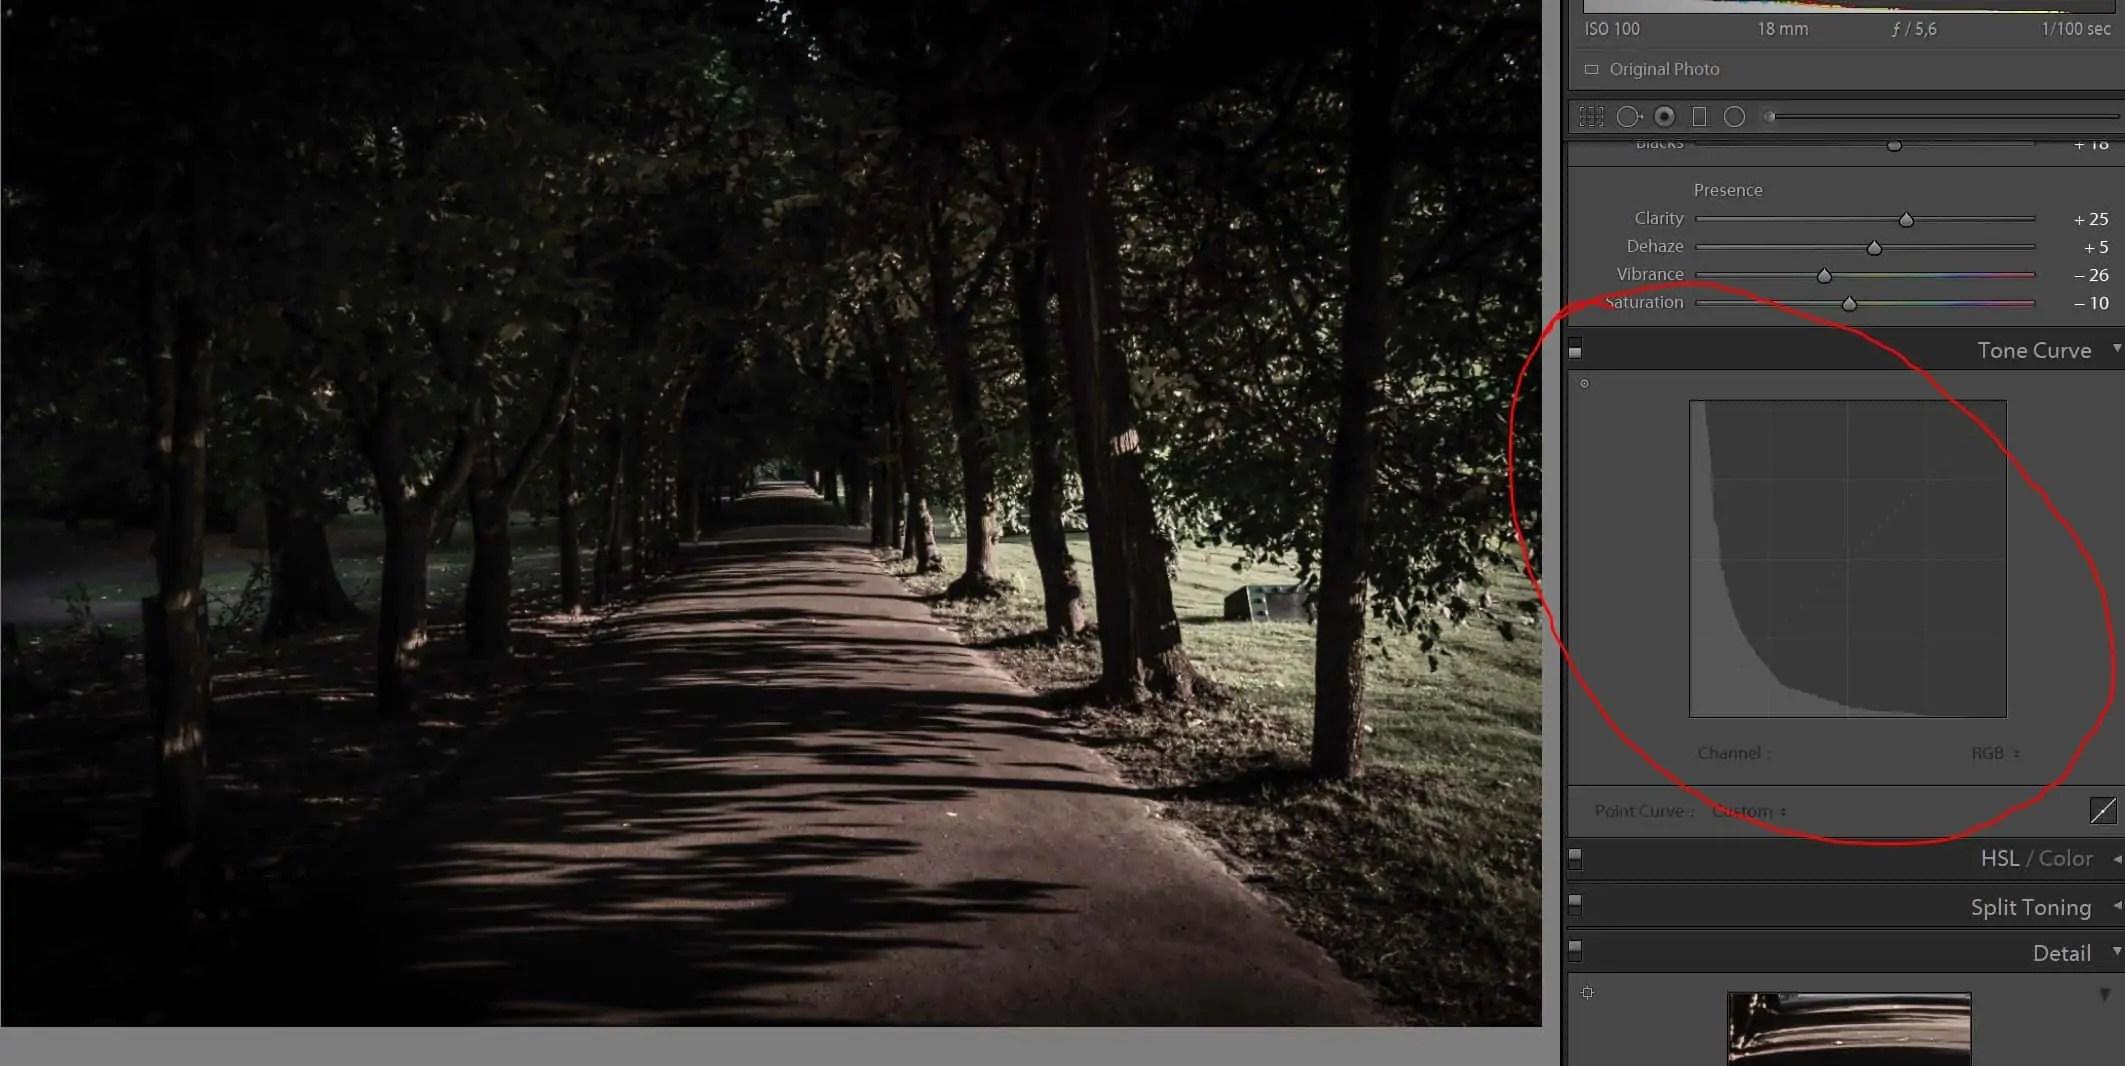 Park Oliwskiejak w filmie zdjecie originalne PRZED - Filmowe zdjęcie ? Wystarczy 1 krok, aby je zrobić !